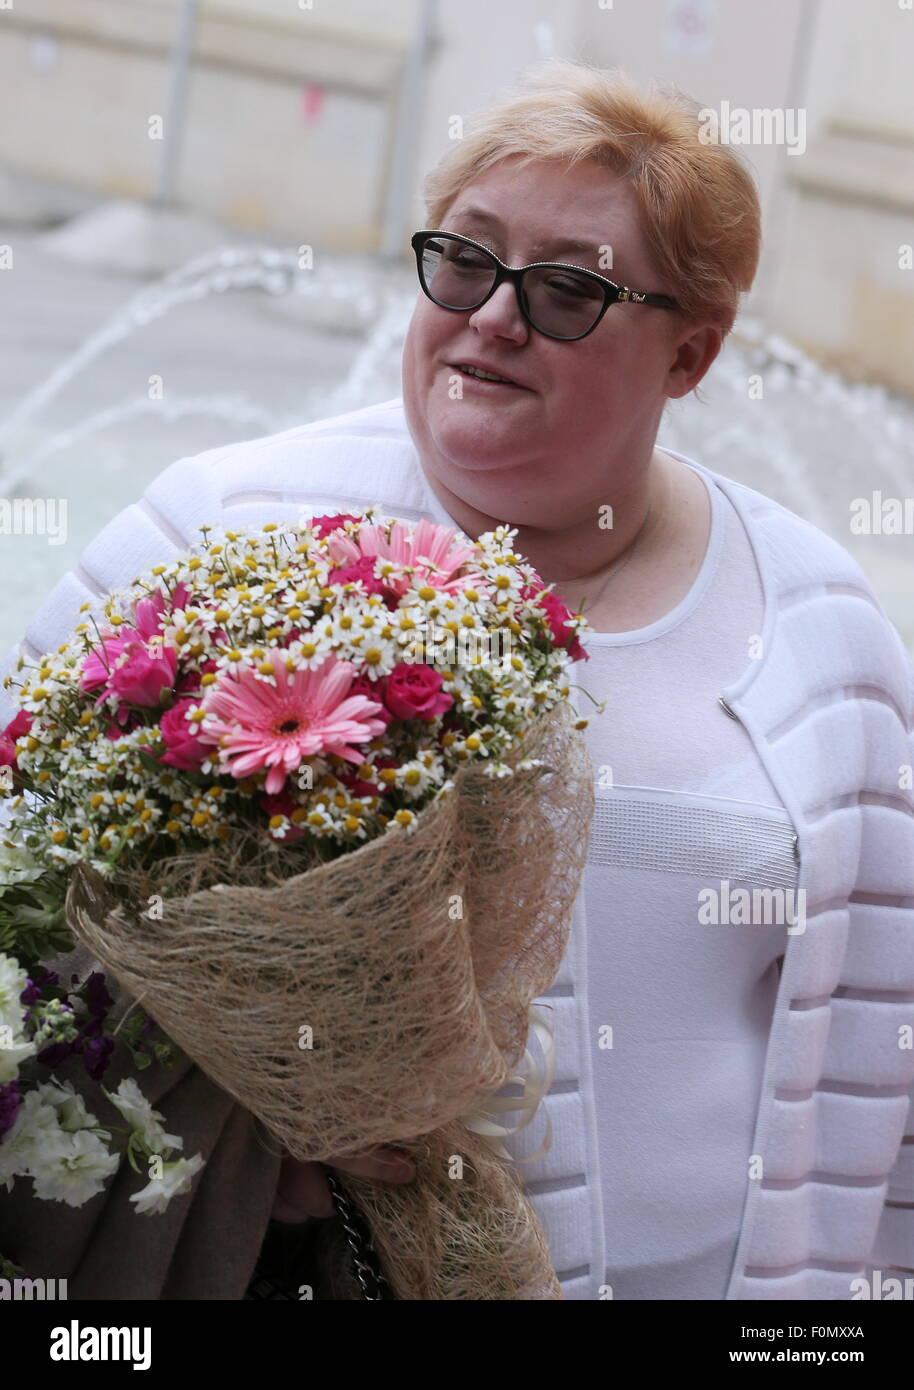 Moskau, Russland. 18. August 2015. Der zweimalige Eiskunstlauf Trainer Nina Mozer bei der Hochzeit von Eiskunstlauf Stockfoto